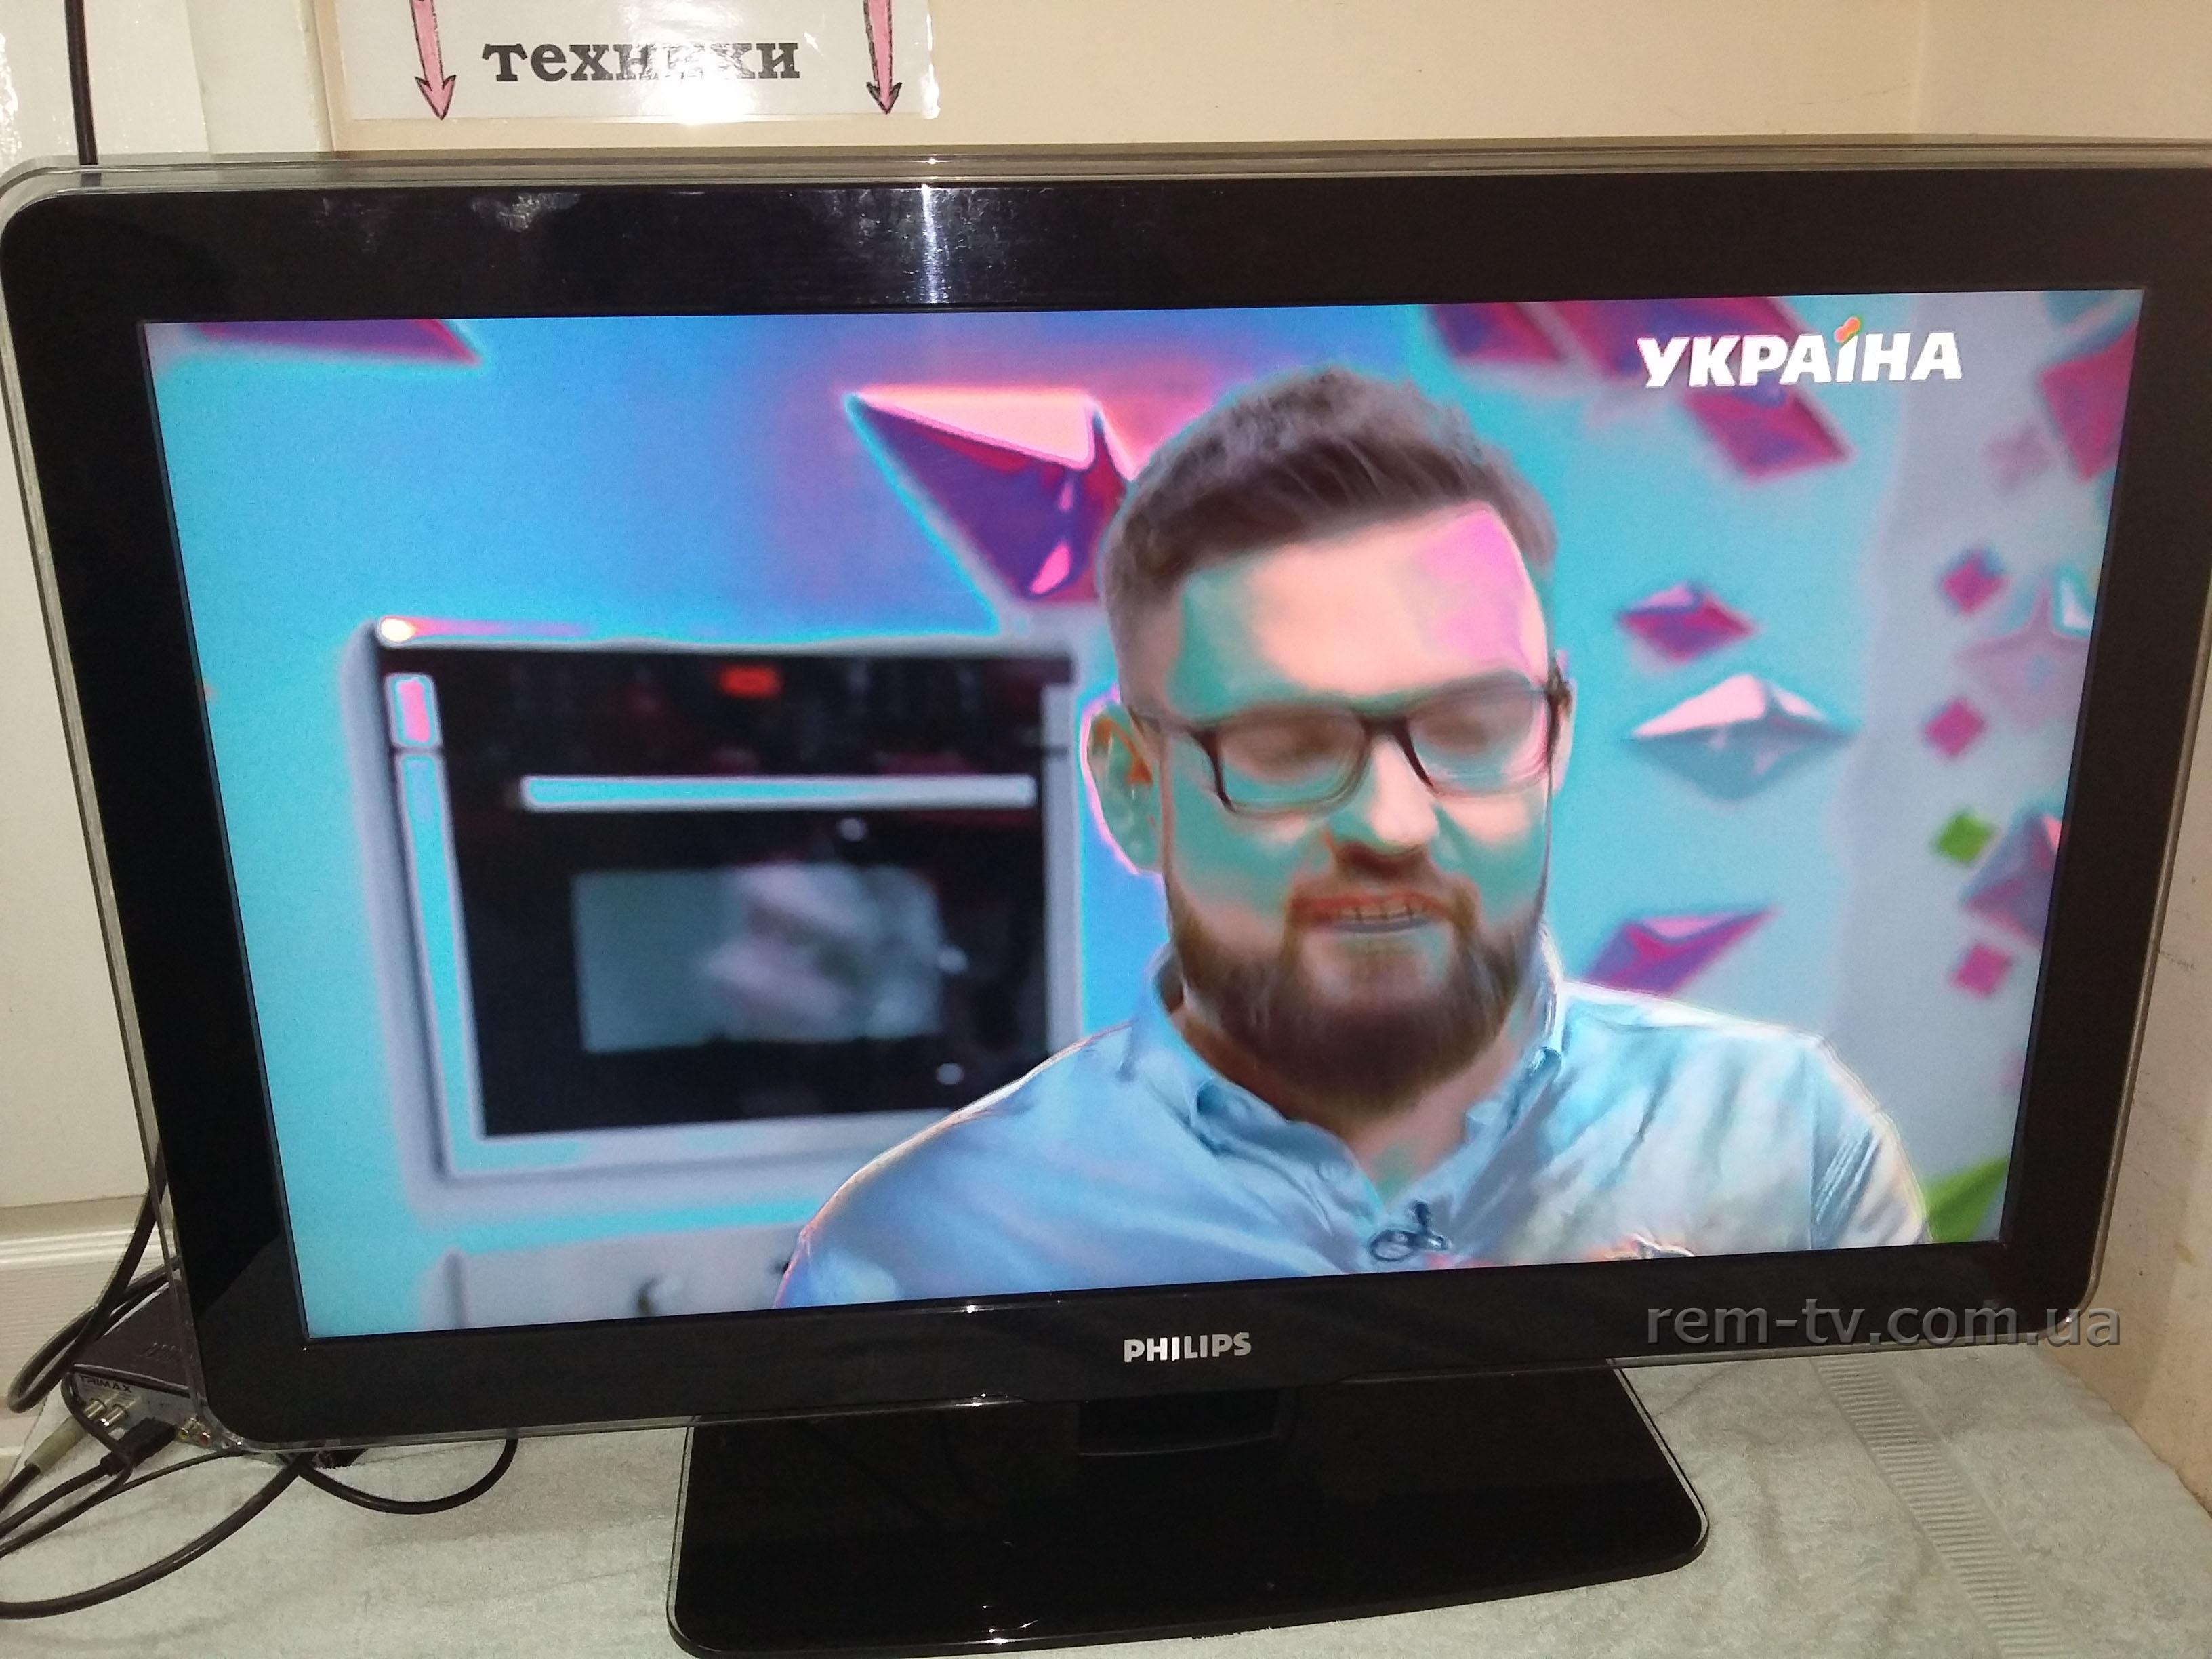 цветовые искажения телевизора филипс